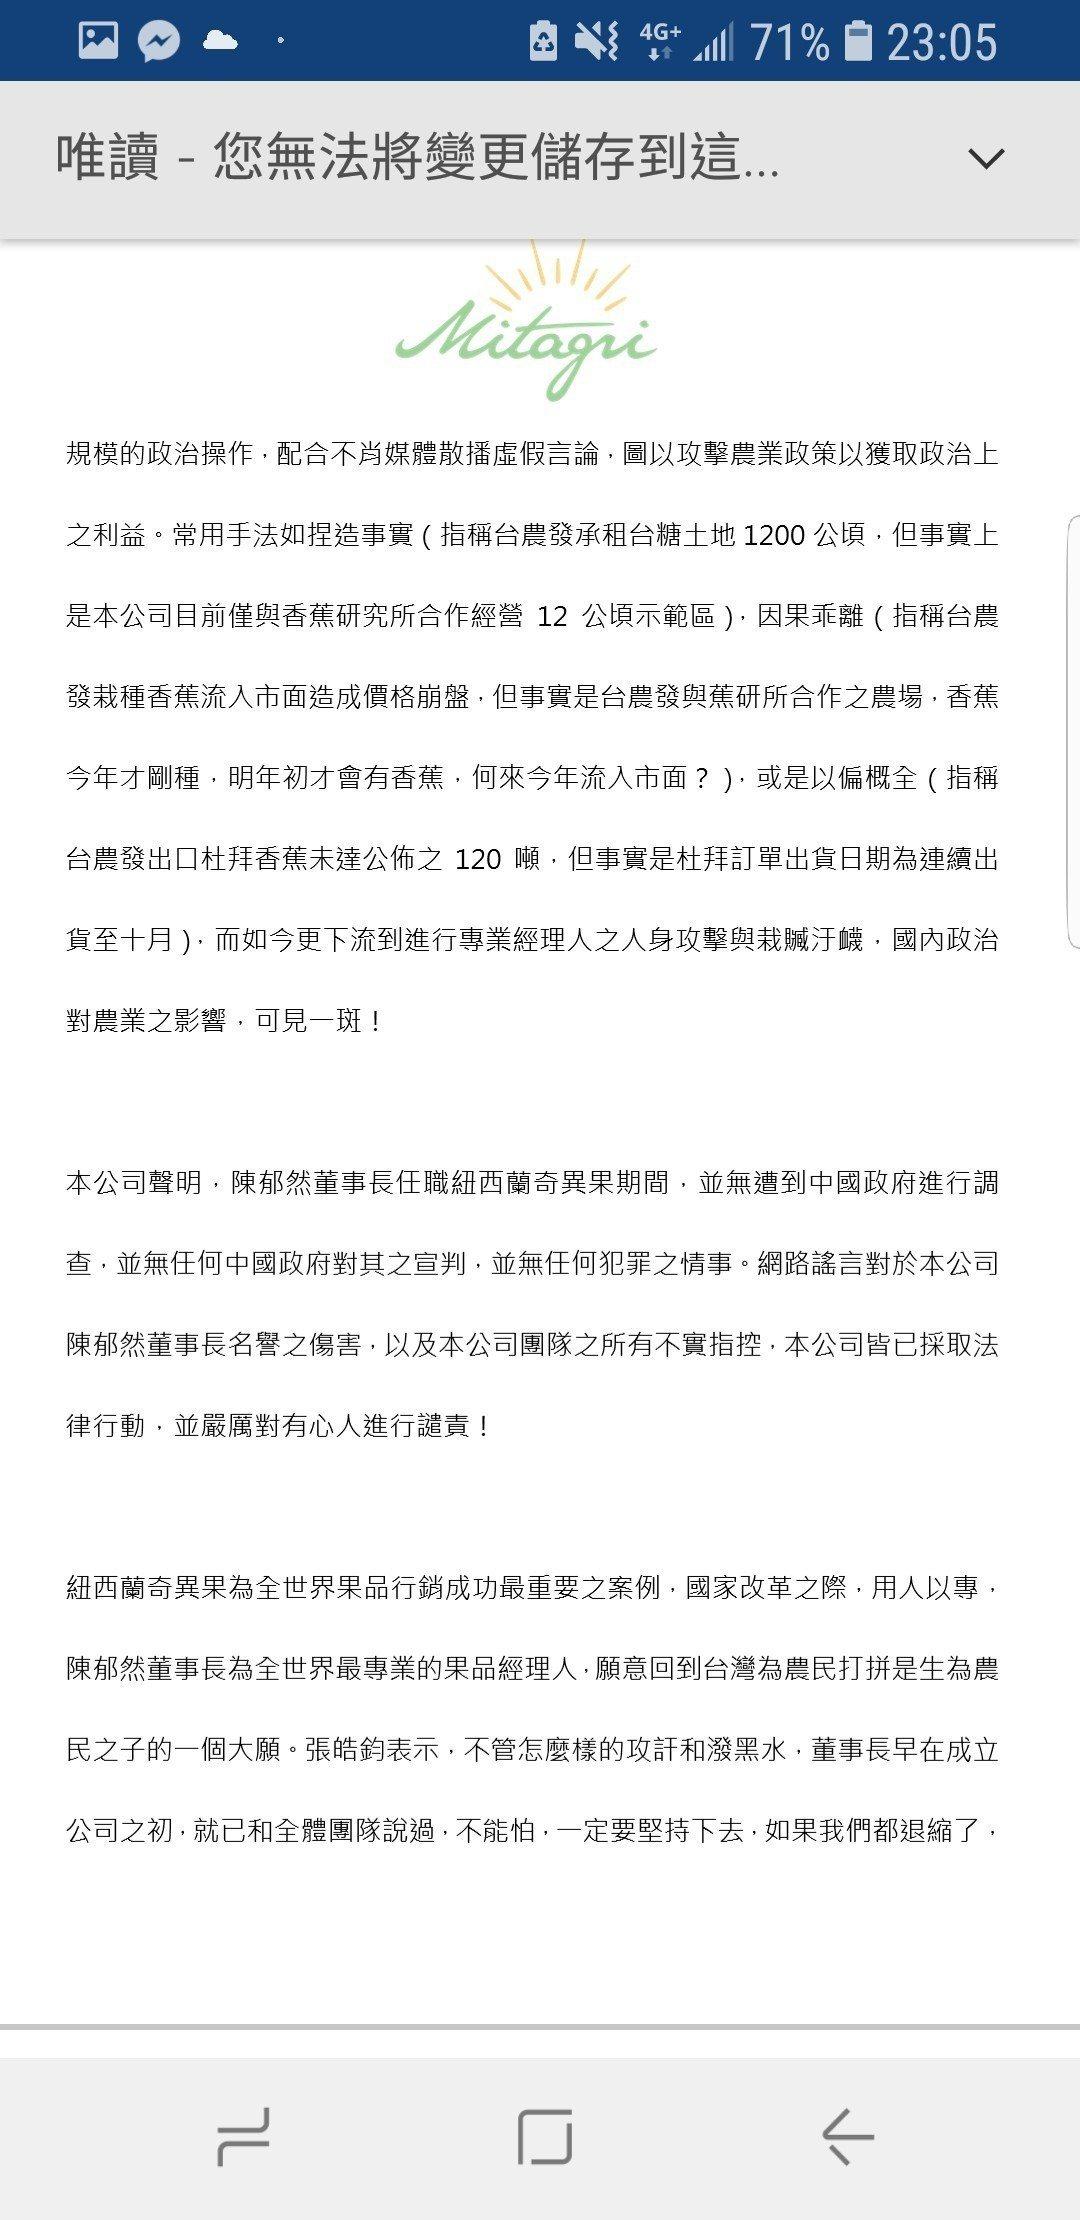 台農發晚間發聲明,對網路不實爆料採法律行動。截圖自台農發新聞稿